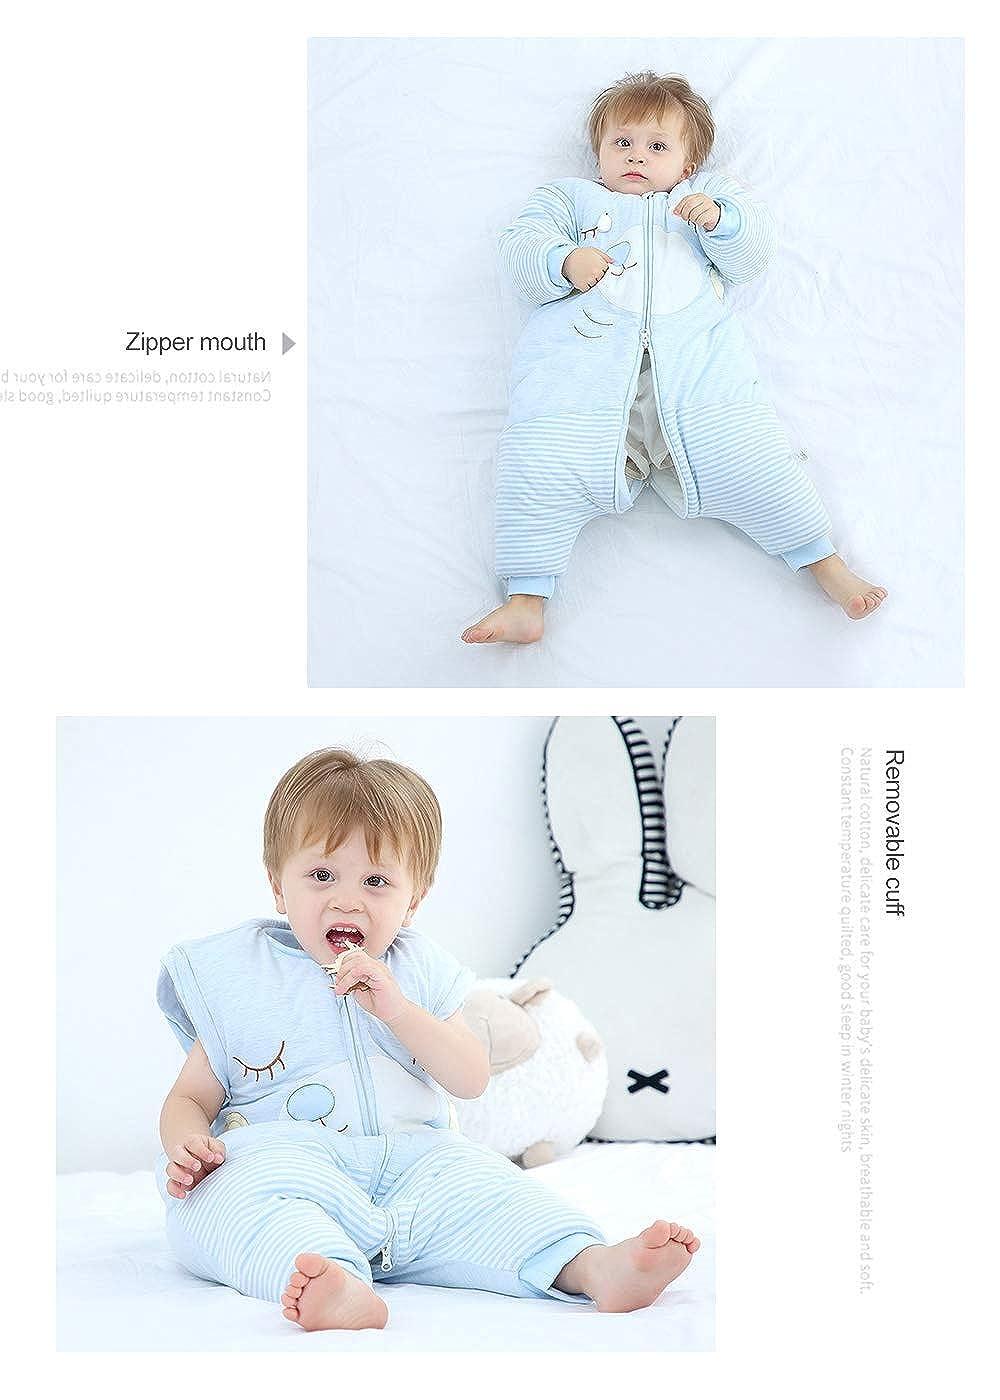 Saco de Dormir de Piernas Divididas para Beb/é Cremallera de Invierno Ropa de Dormir Pijama C/álido con Manga Larga Desmontable 0-6 A/ños